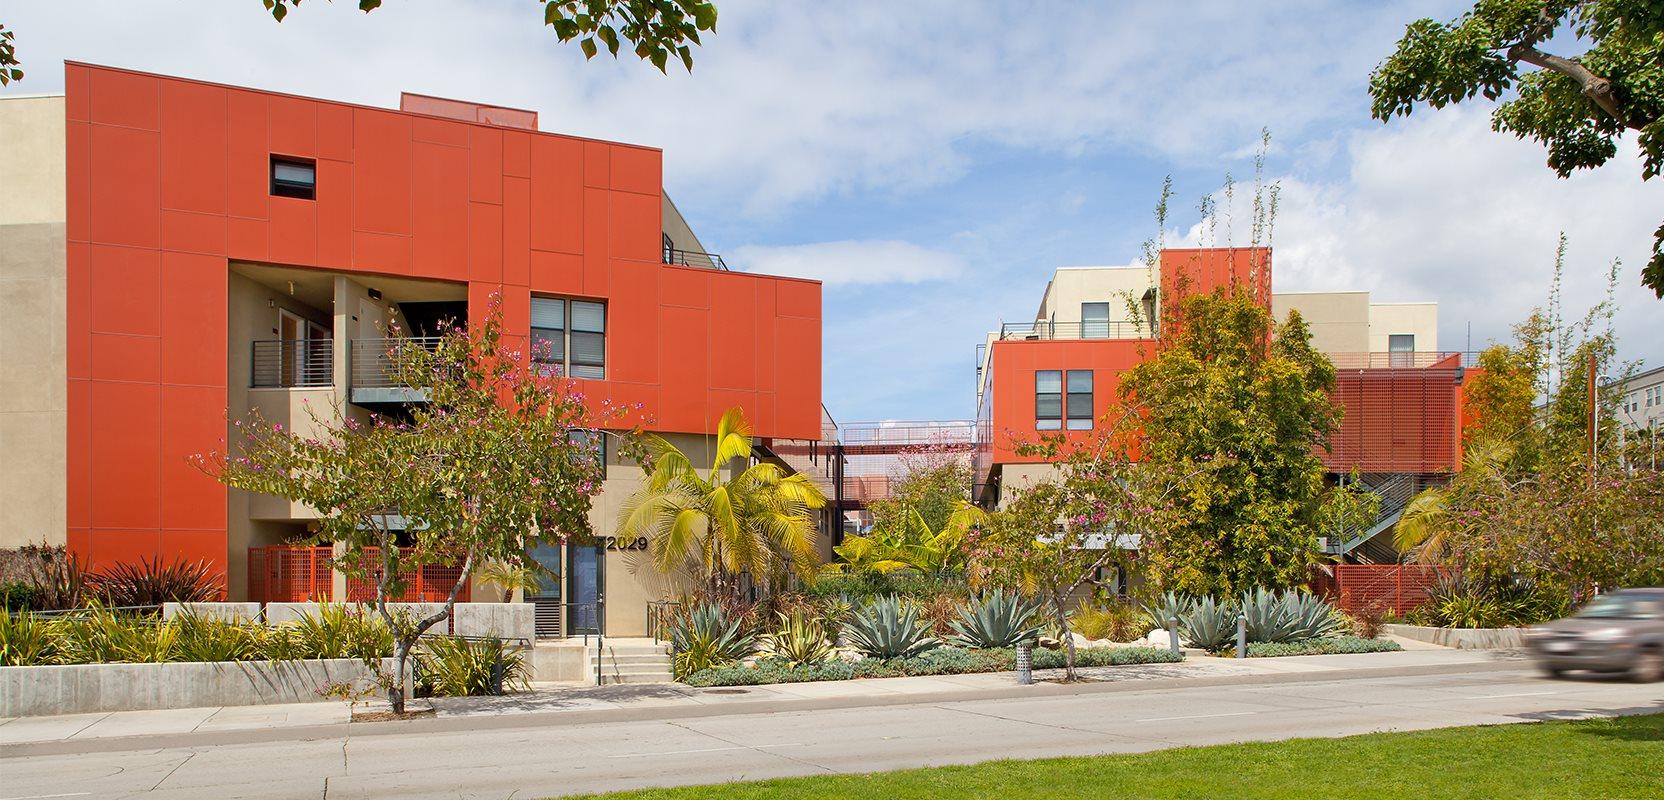 Santa-Monica-Apartment-SAMO-Apartments-Olympic-Exterior-Facade